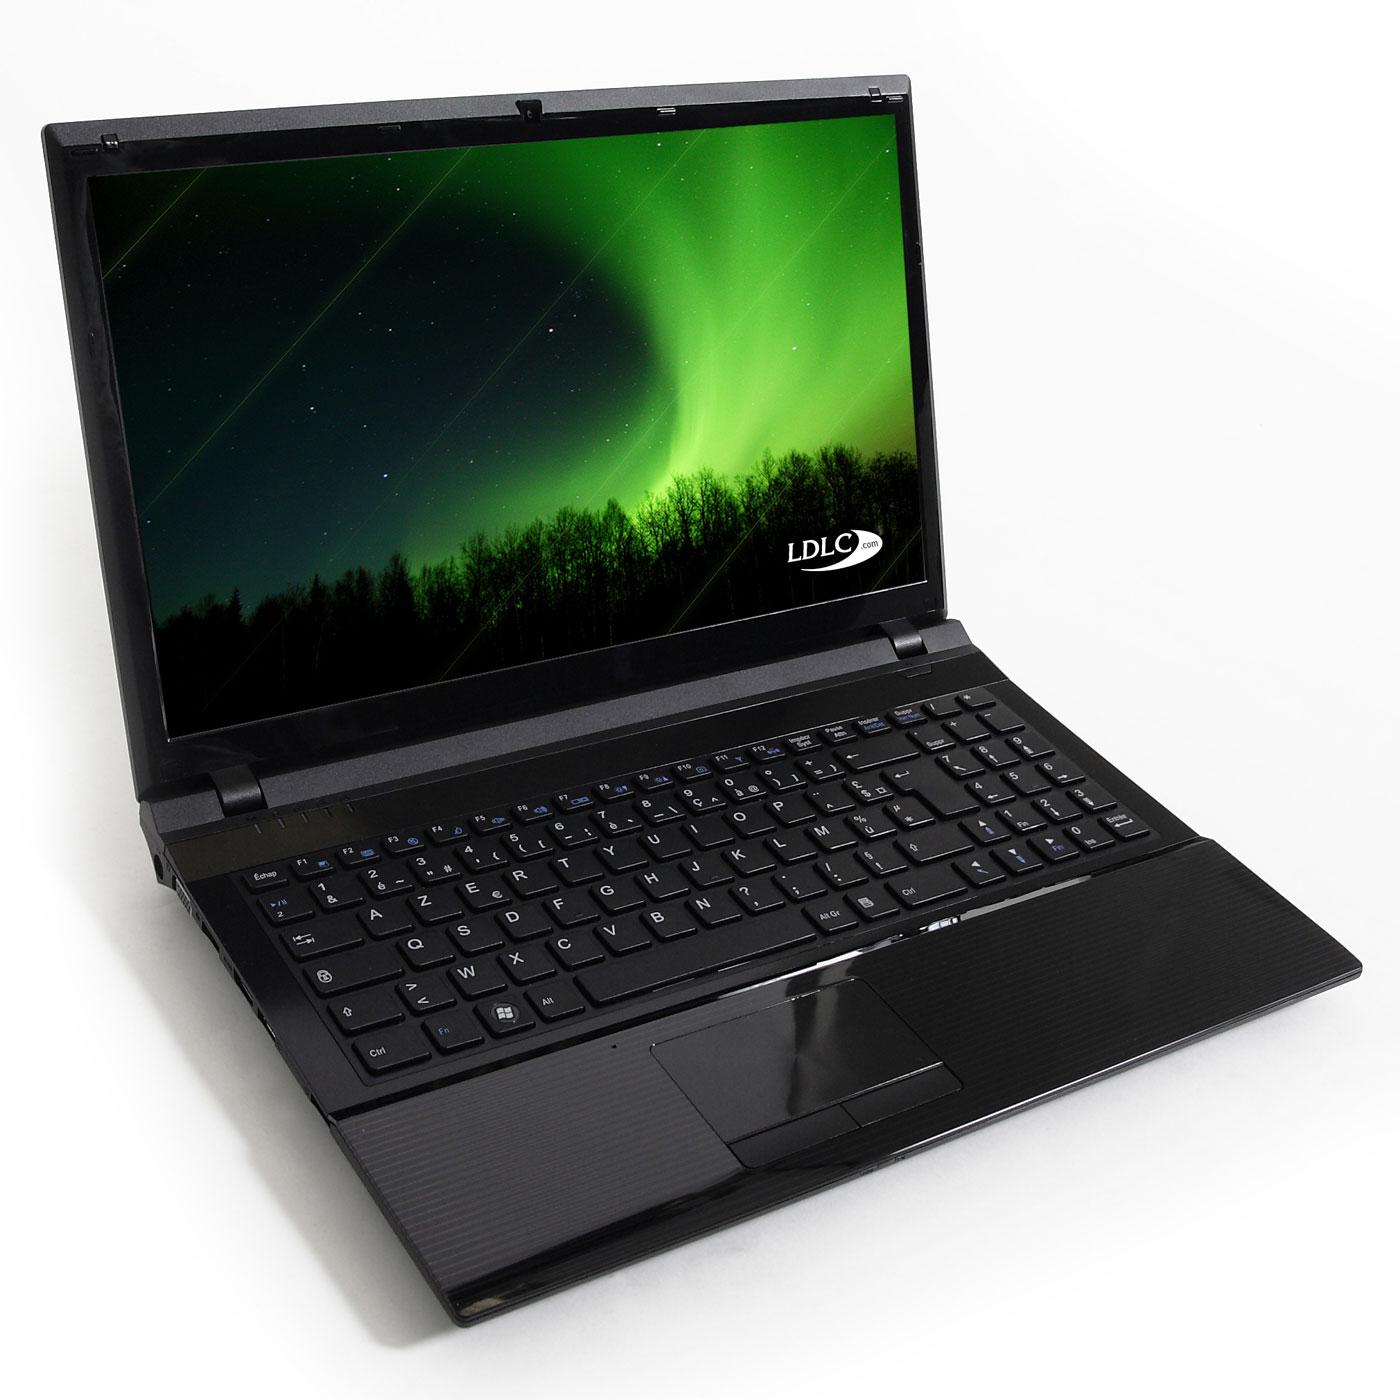 """PC portable LDLC Aurore BB1-B9-4-H3 Intel Pentium Dual-Core B940 4 Go 320 Go 15.6"""" LCD Graveur DVD Wi-Fi N/Bluetooth Webcam (sans OS)"""